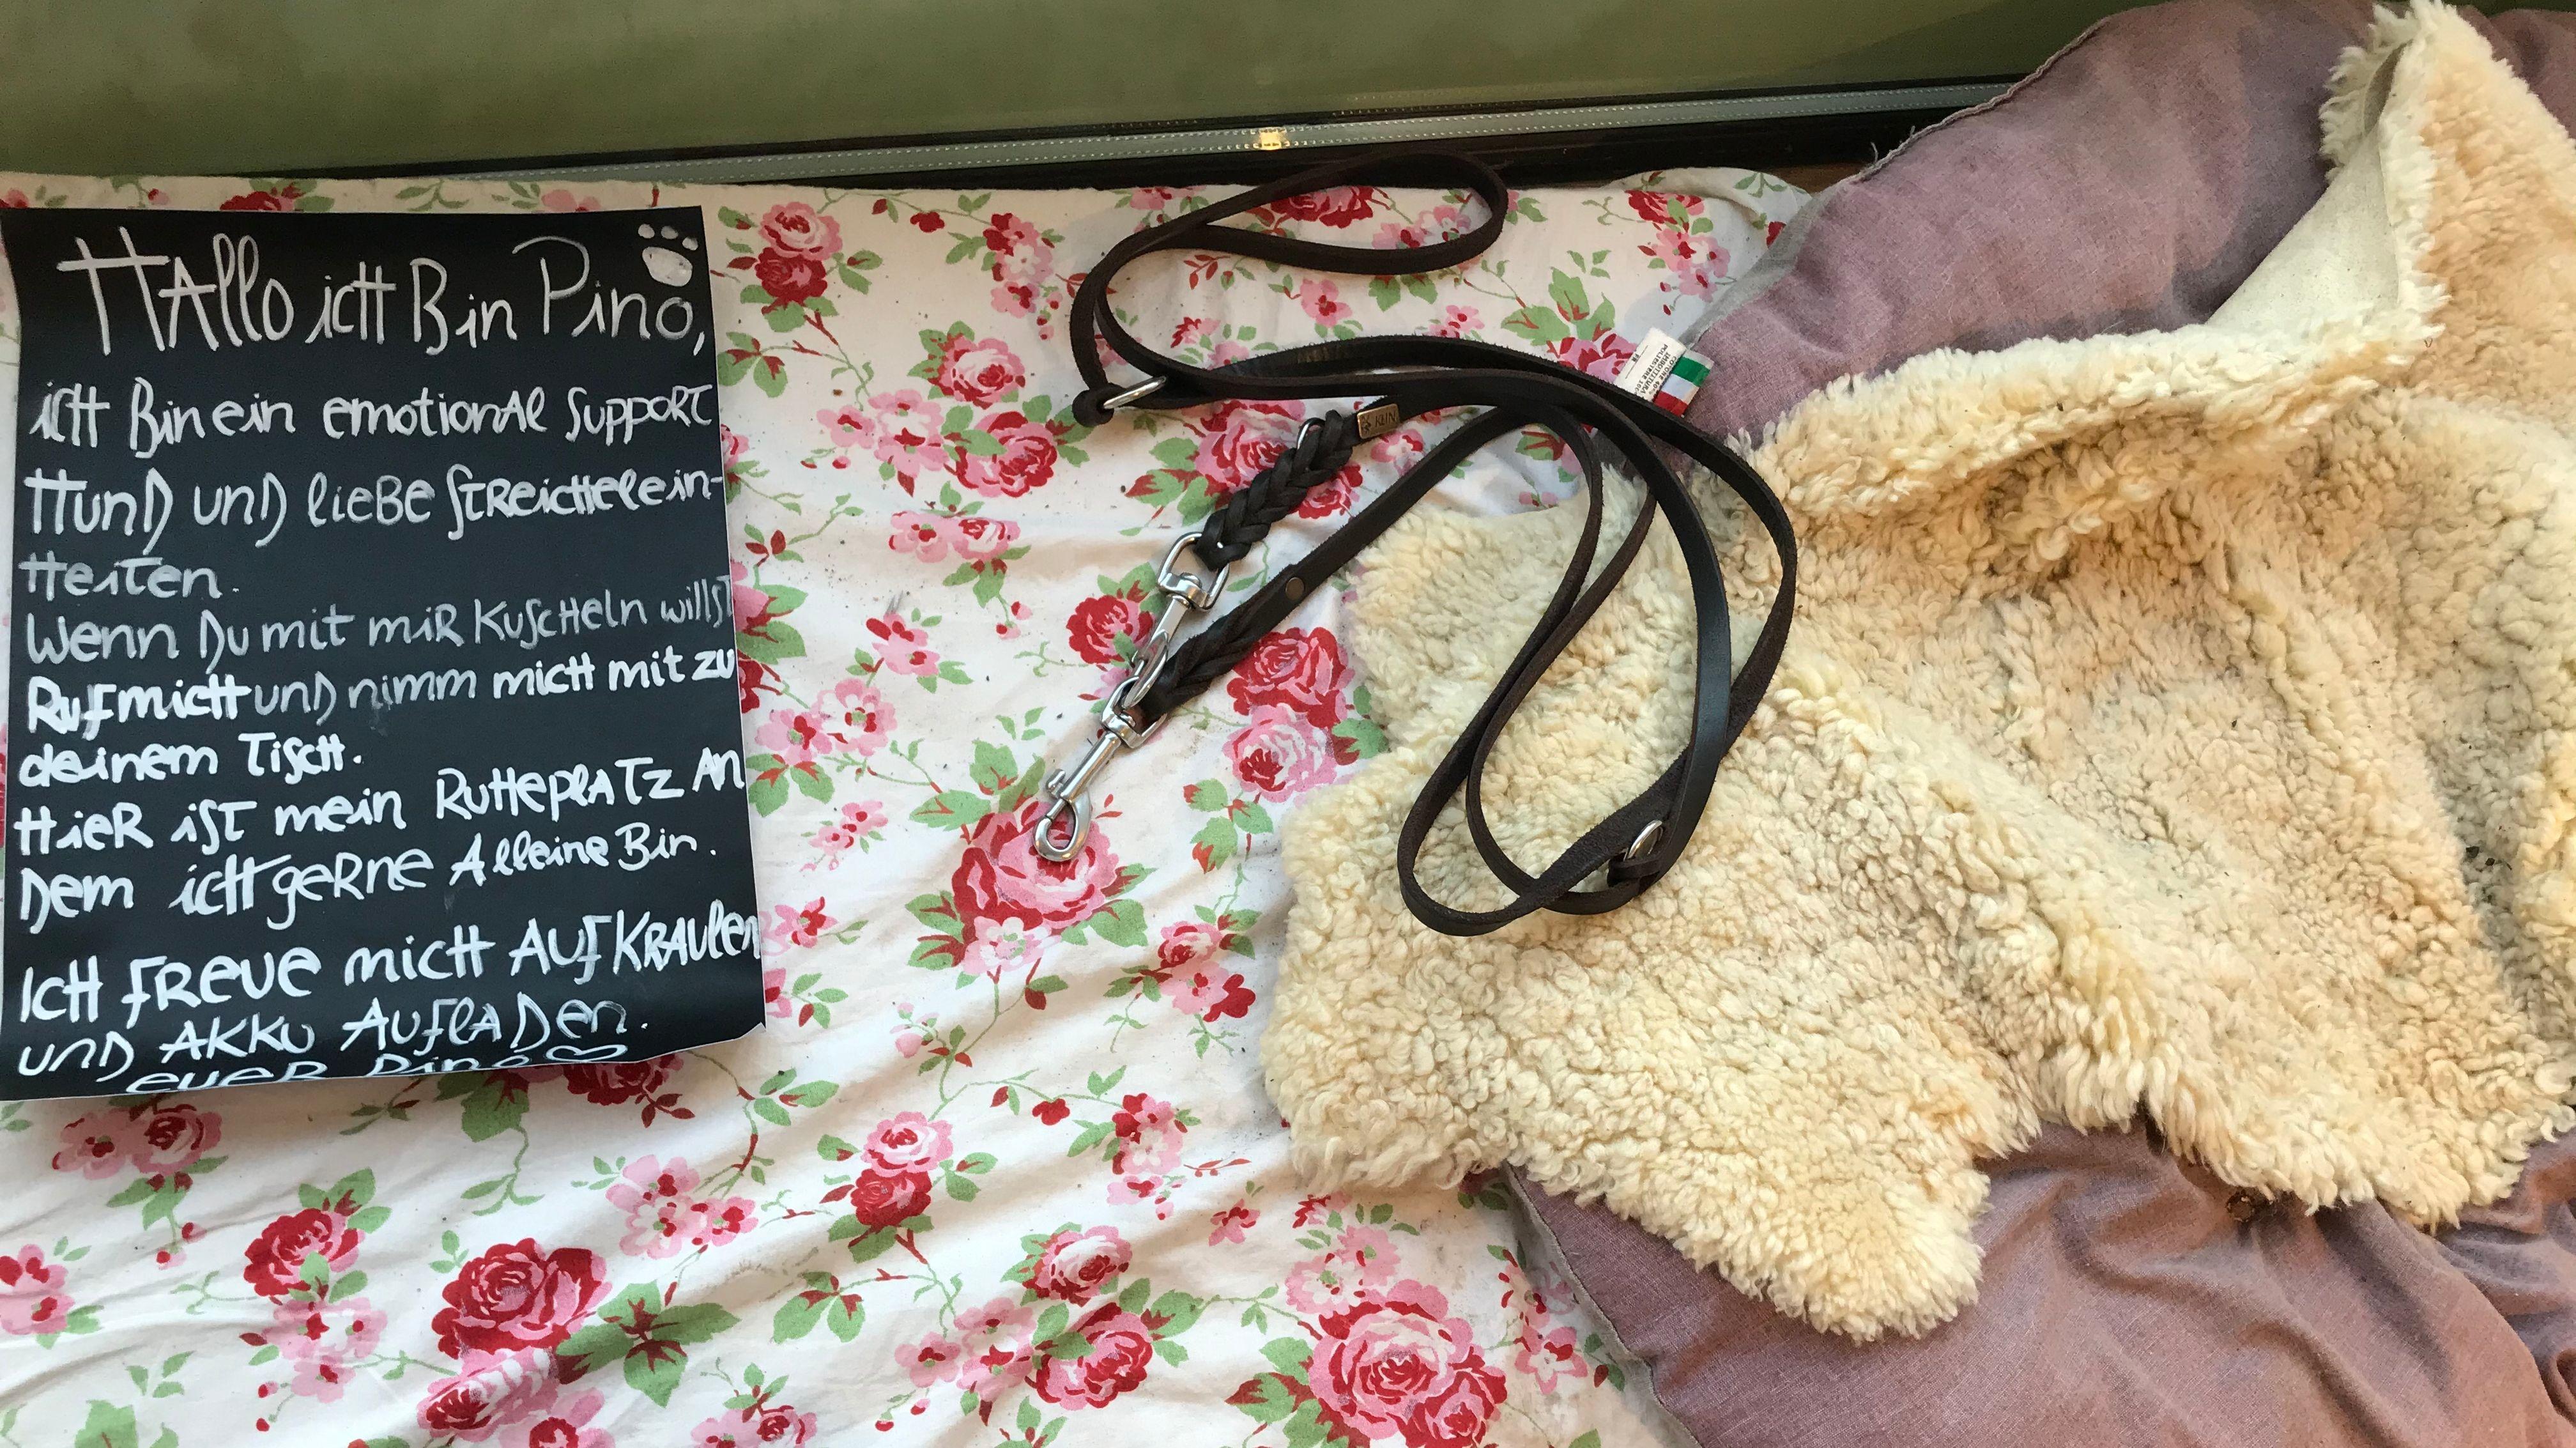 Schlafplatz für den Café-Hund Pino. Dort liegt seine Leine und ein Schild. Auf dem steht, dass Pino ein Hund für emotionale Unterstützung ist und Streicheleinheiten liebt. Gäste können ihn gerne mit zu sich an den Tisch nehmen.